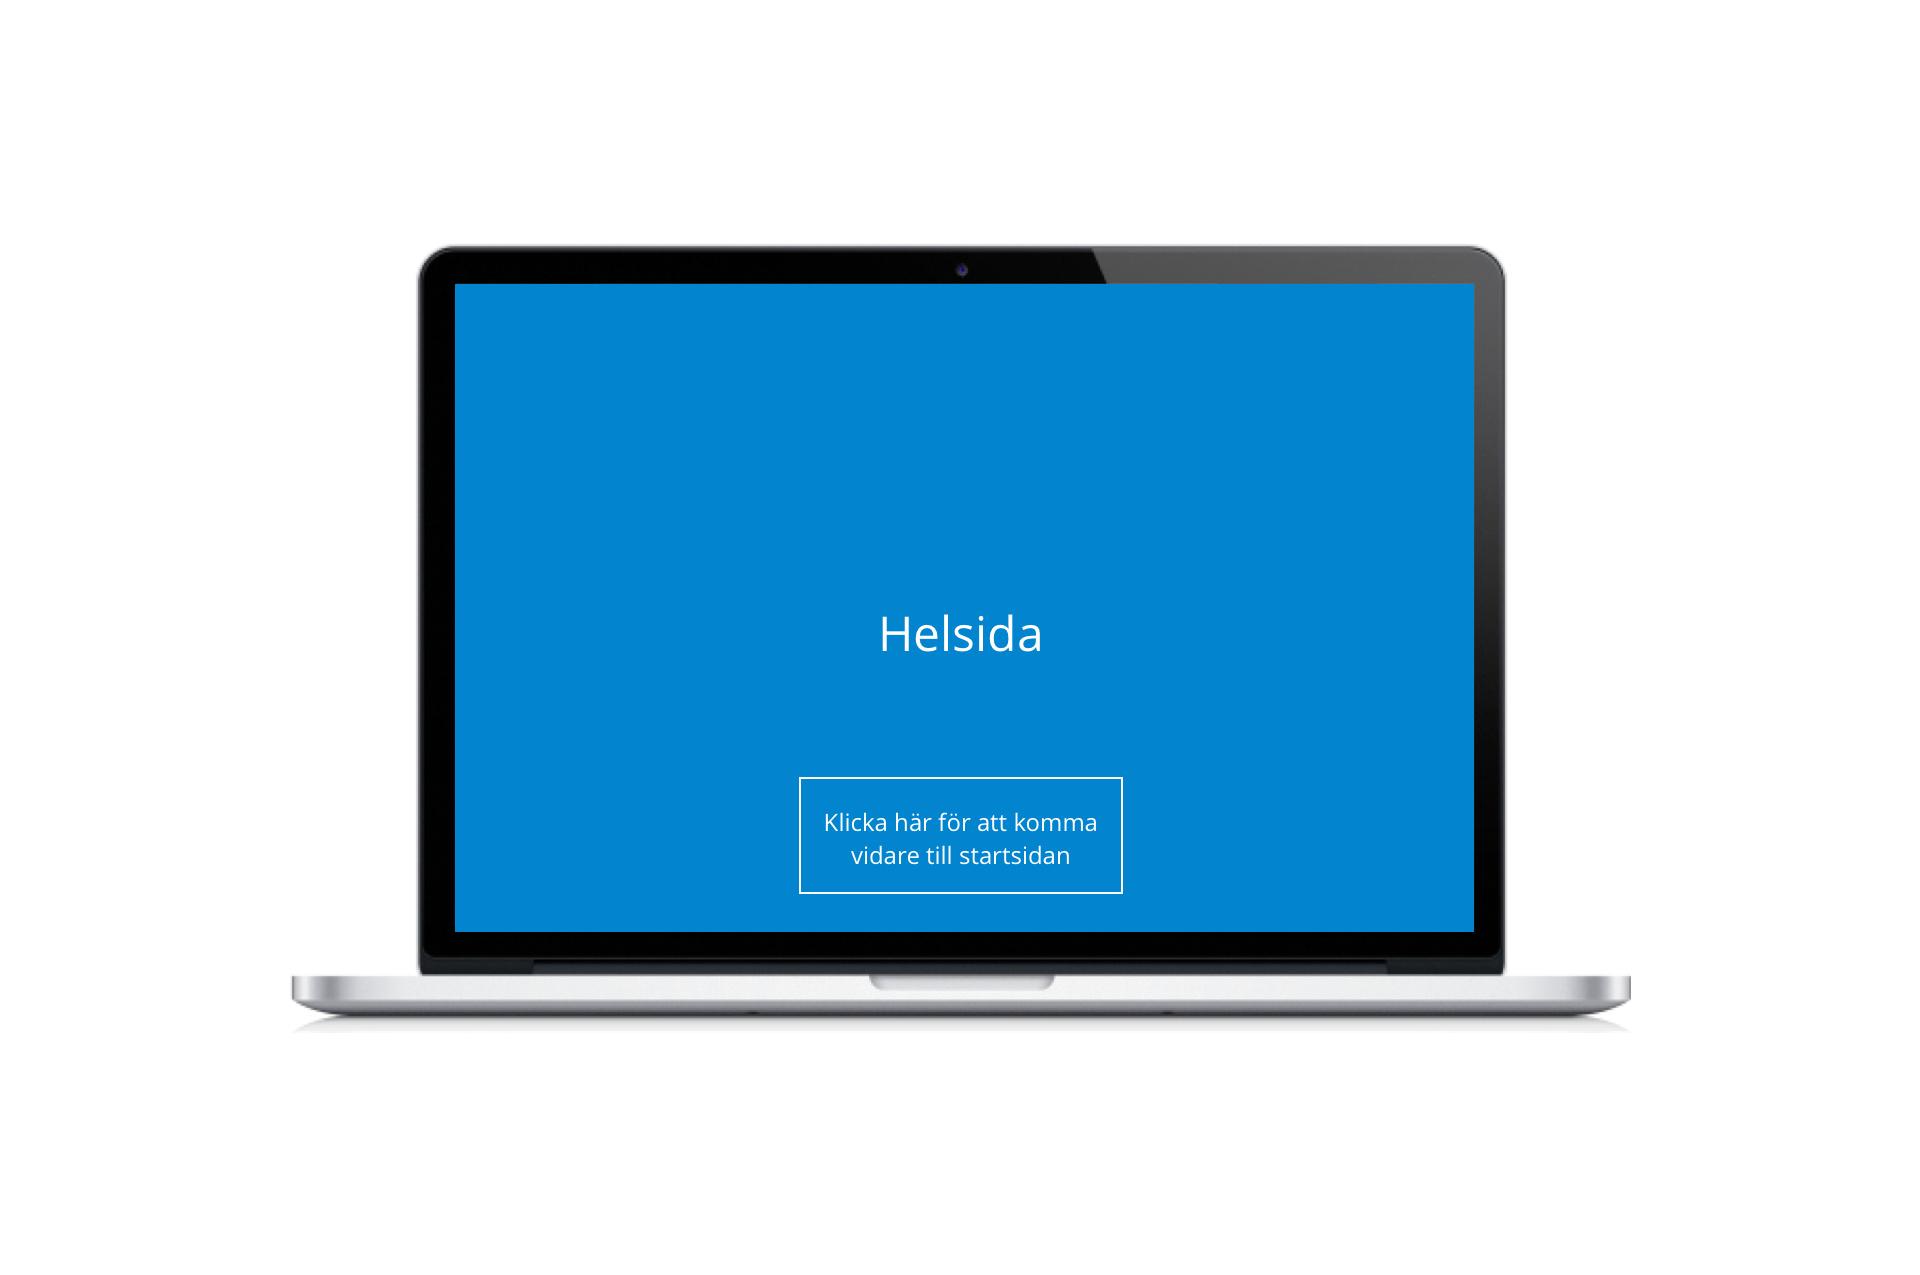 Helsida